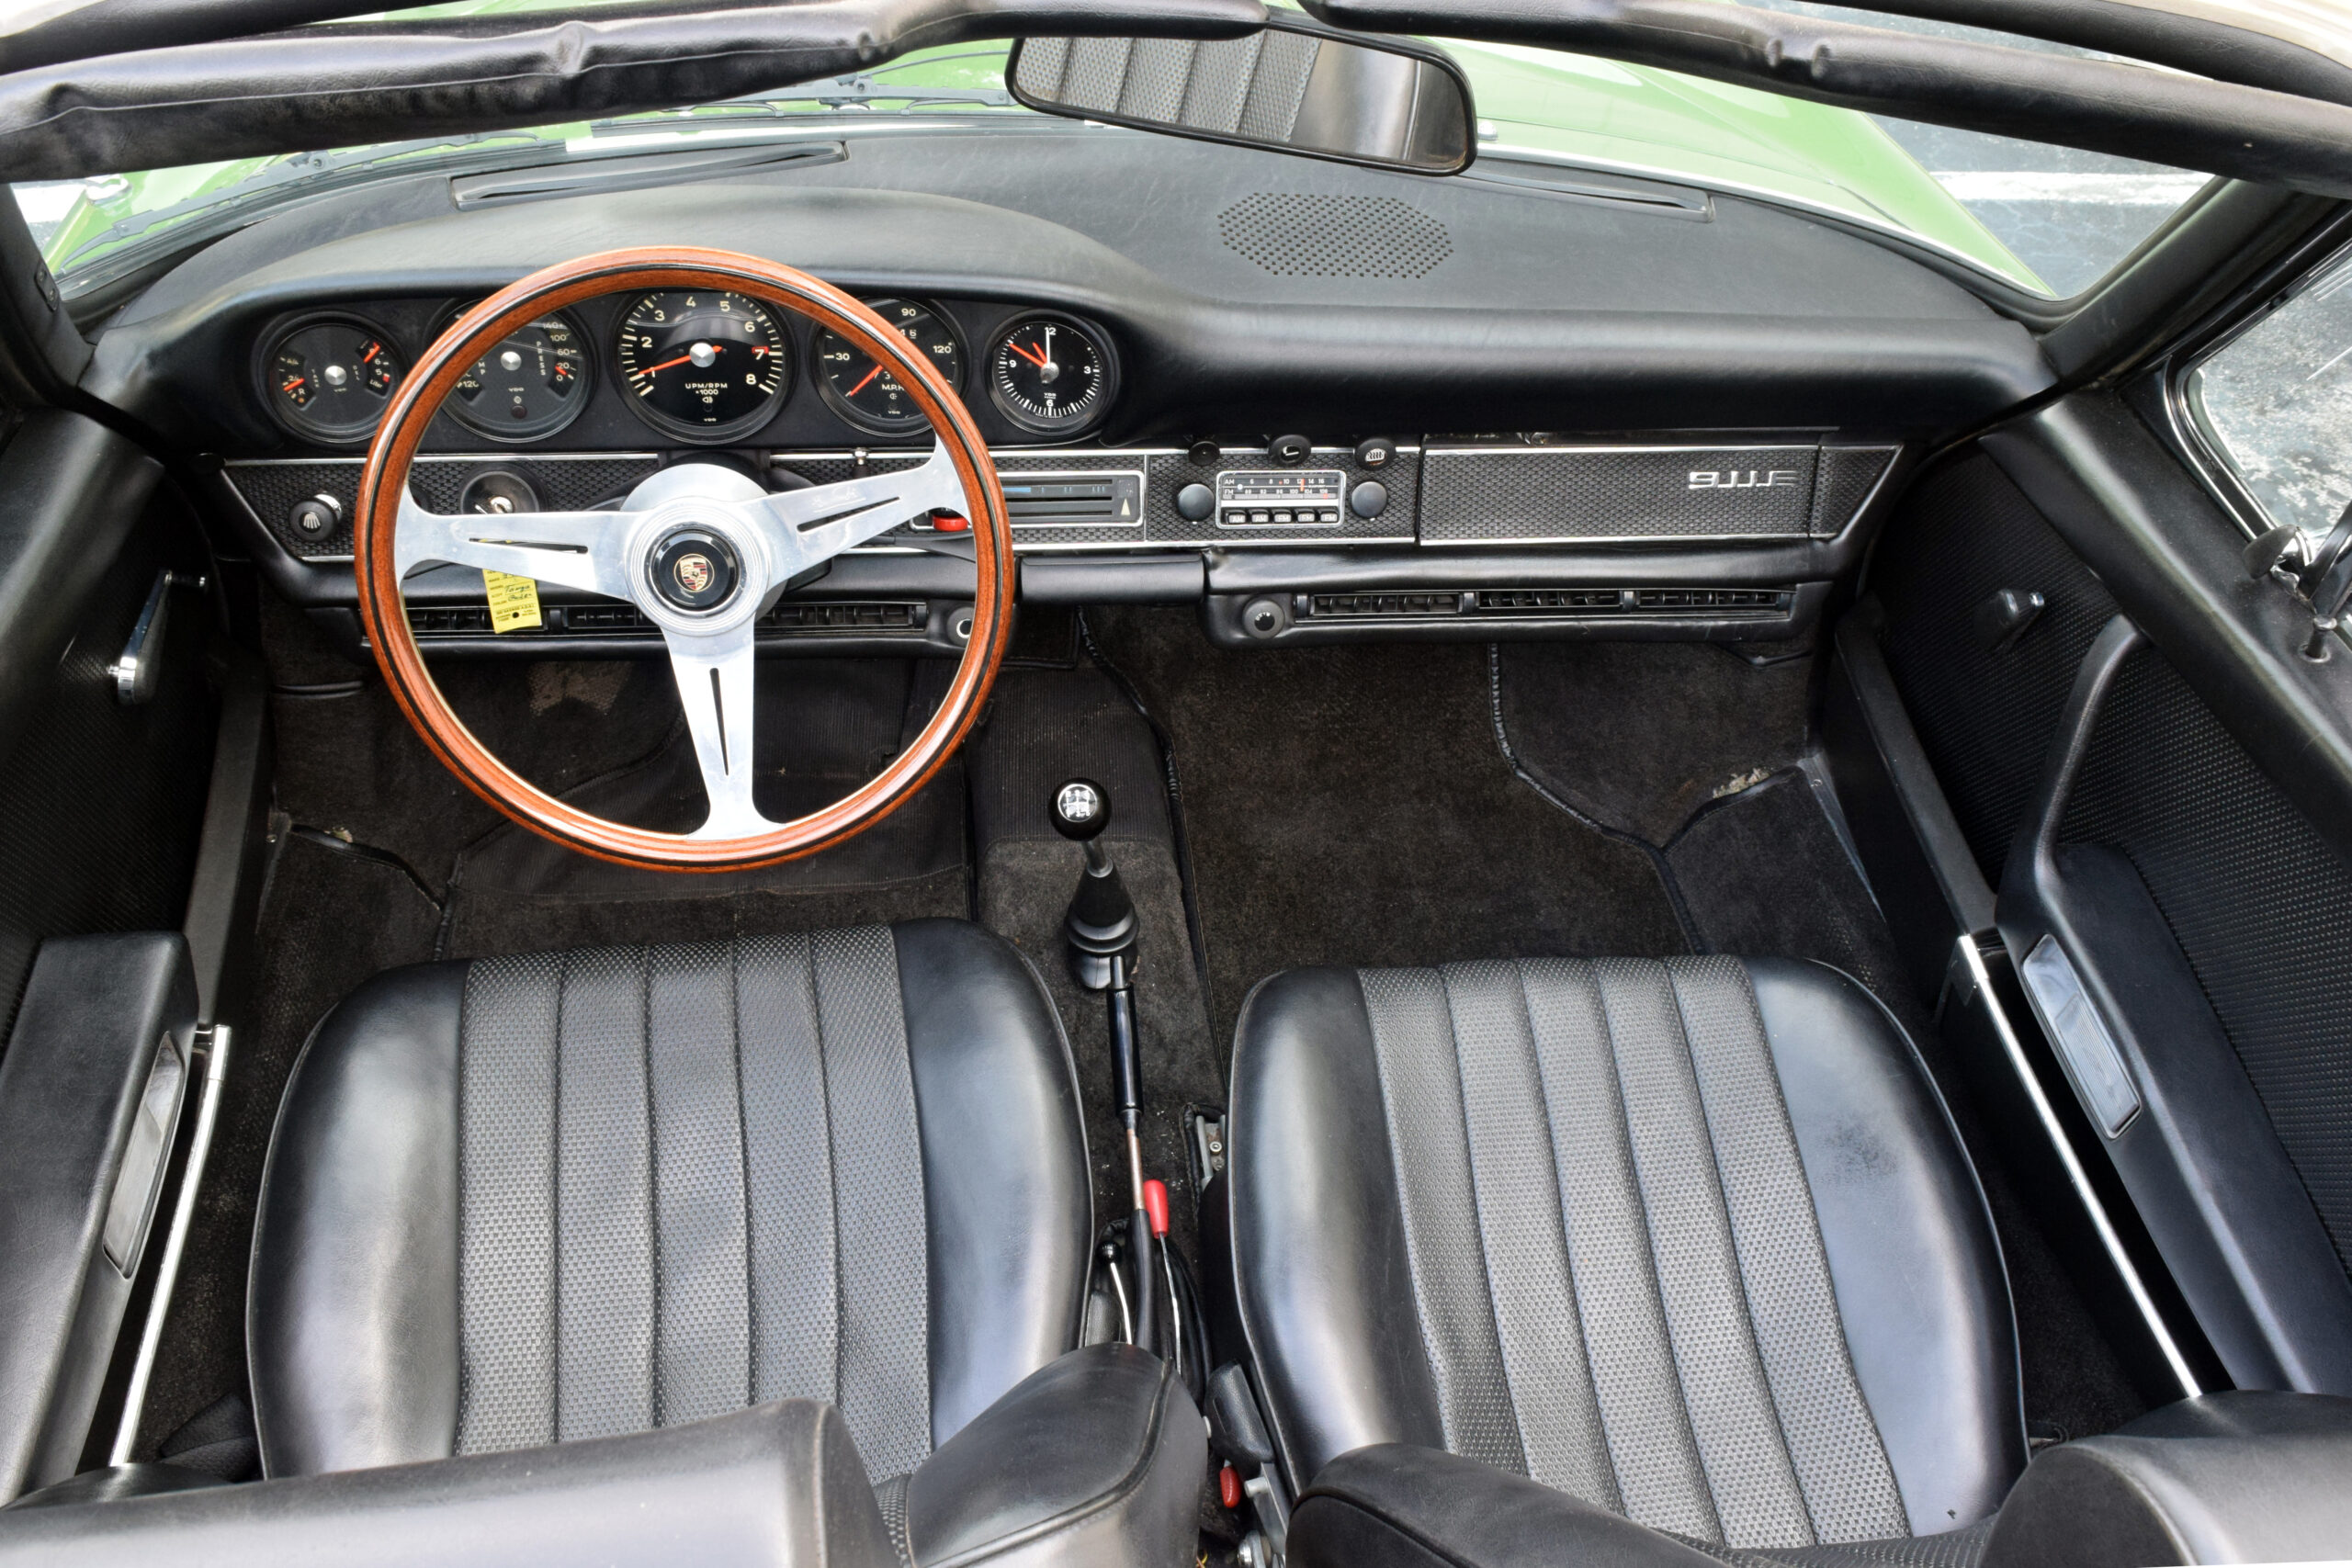 1970 Porsche 911 E Targa Very original rare E model Targa, everything works, A/C works, celebrity owned